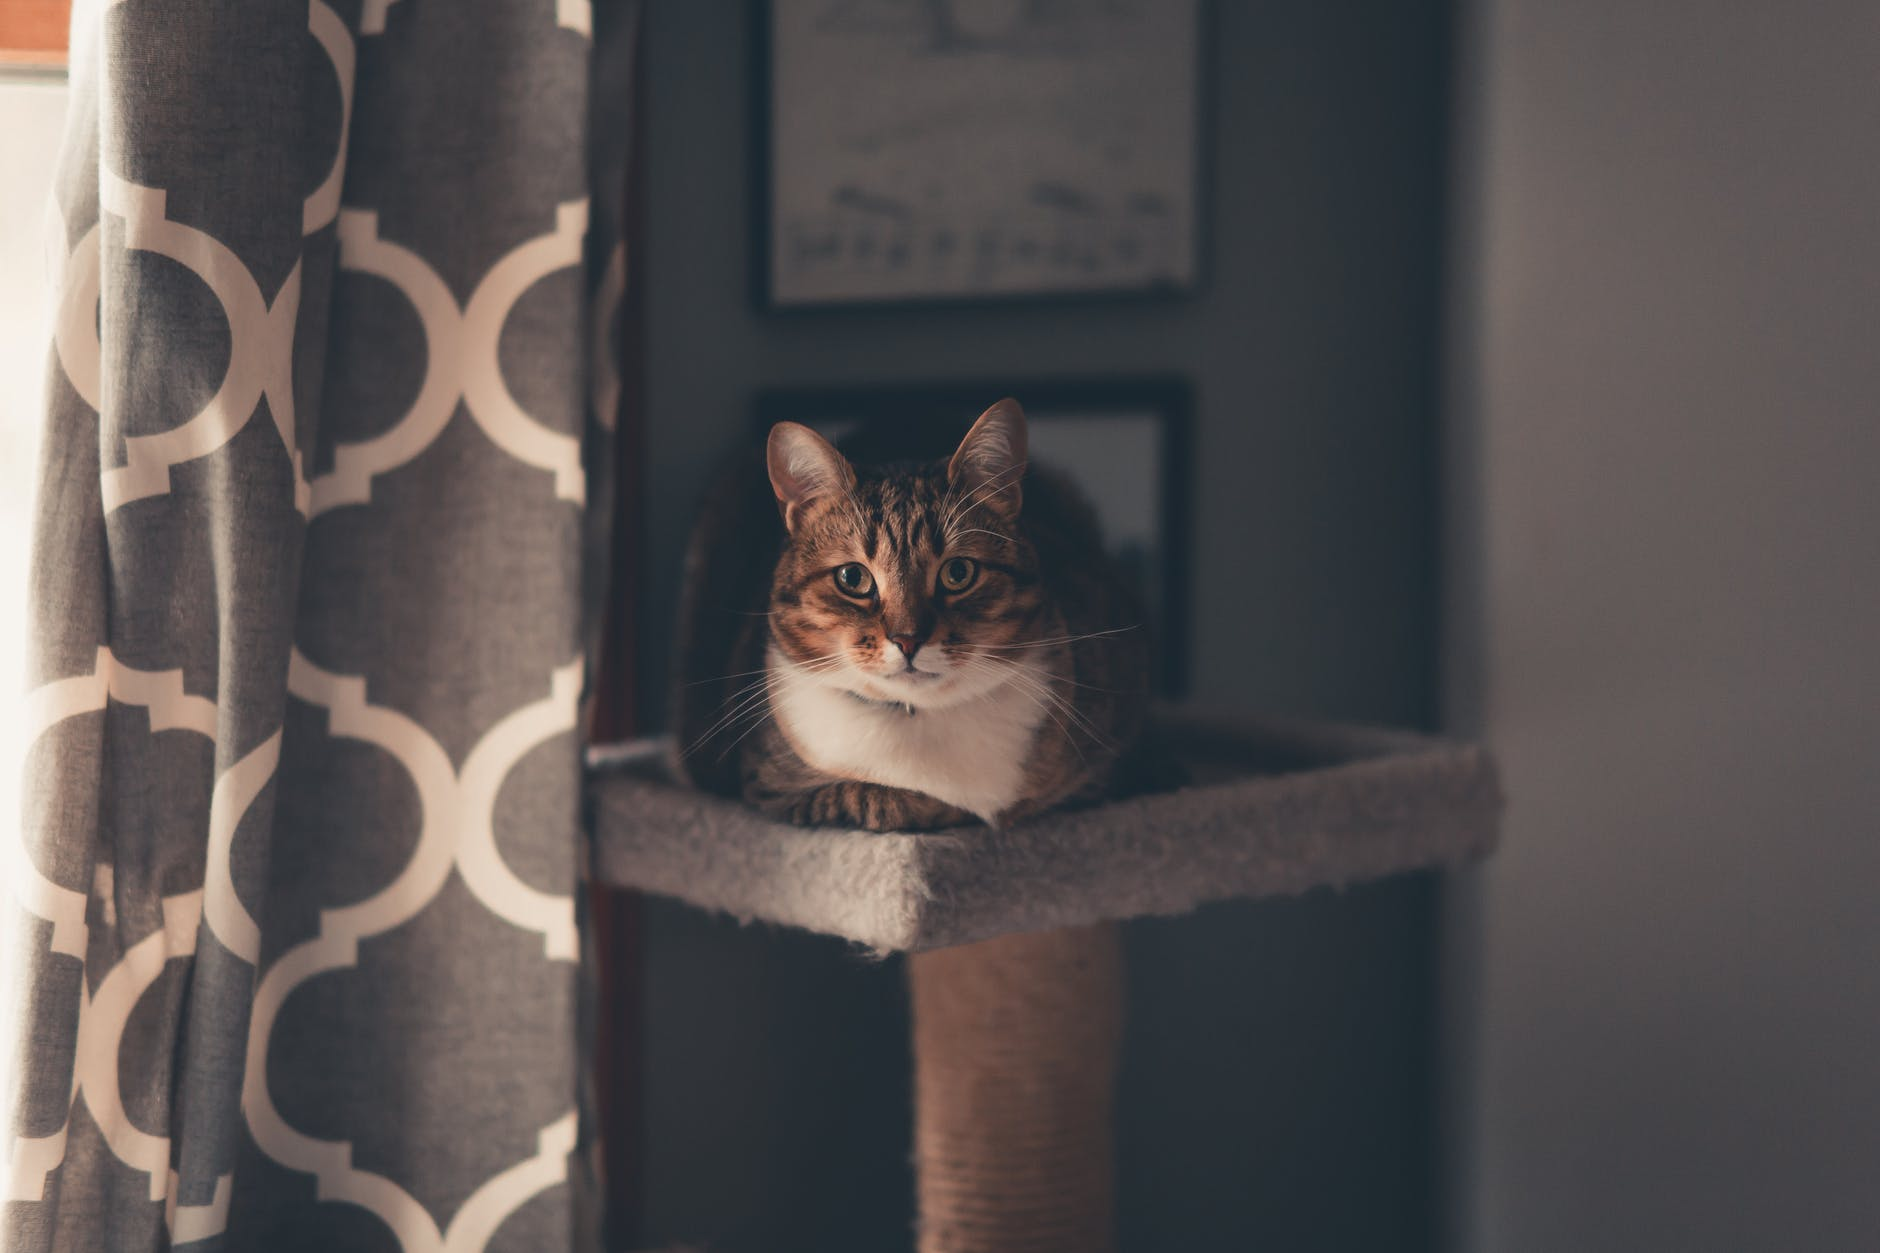 Un chat est couché sur un arbre à chat. Il observe, il est calme.